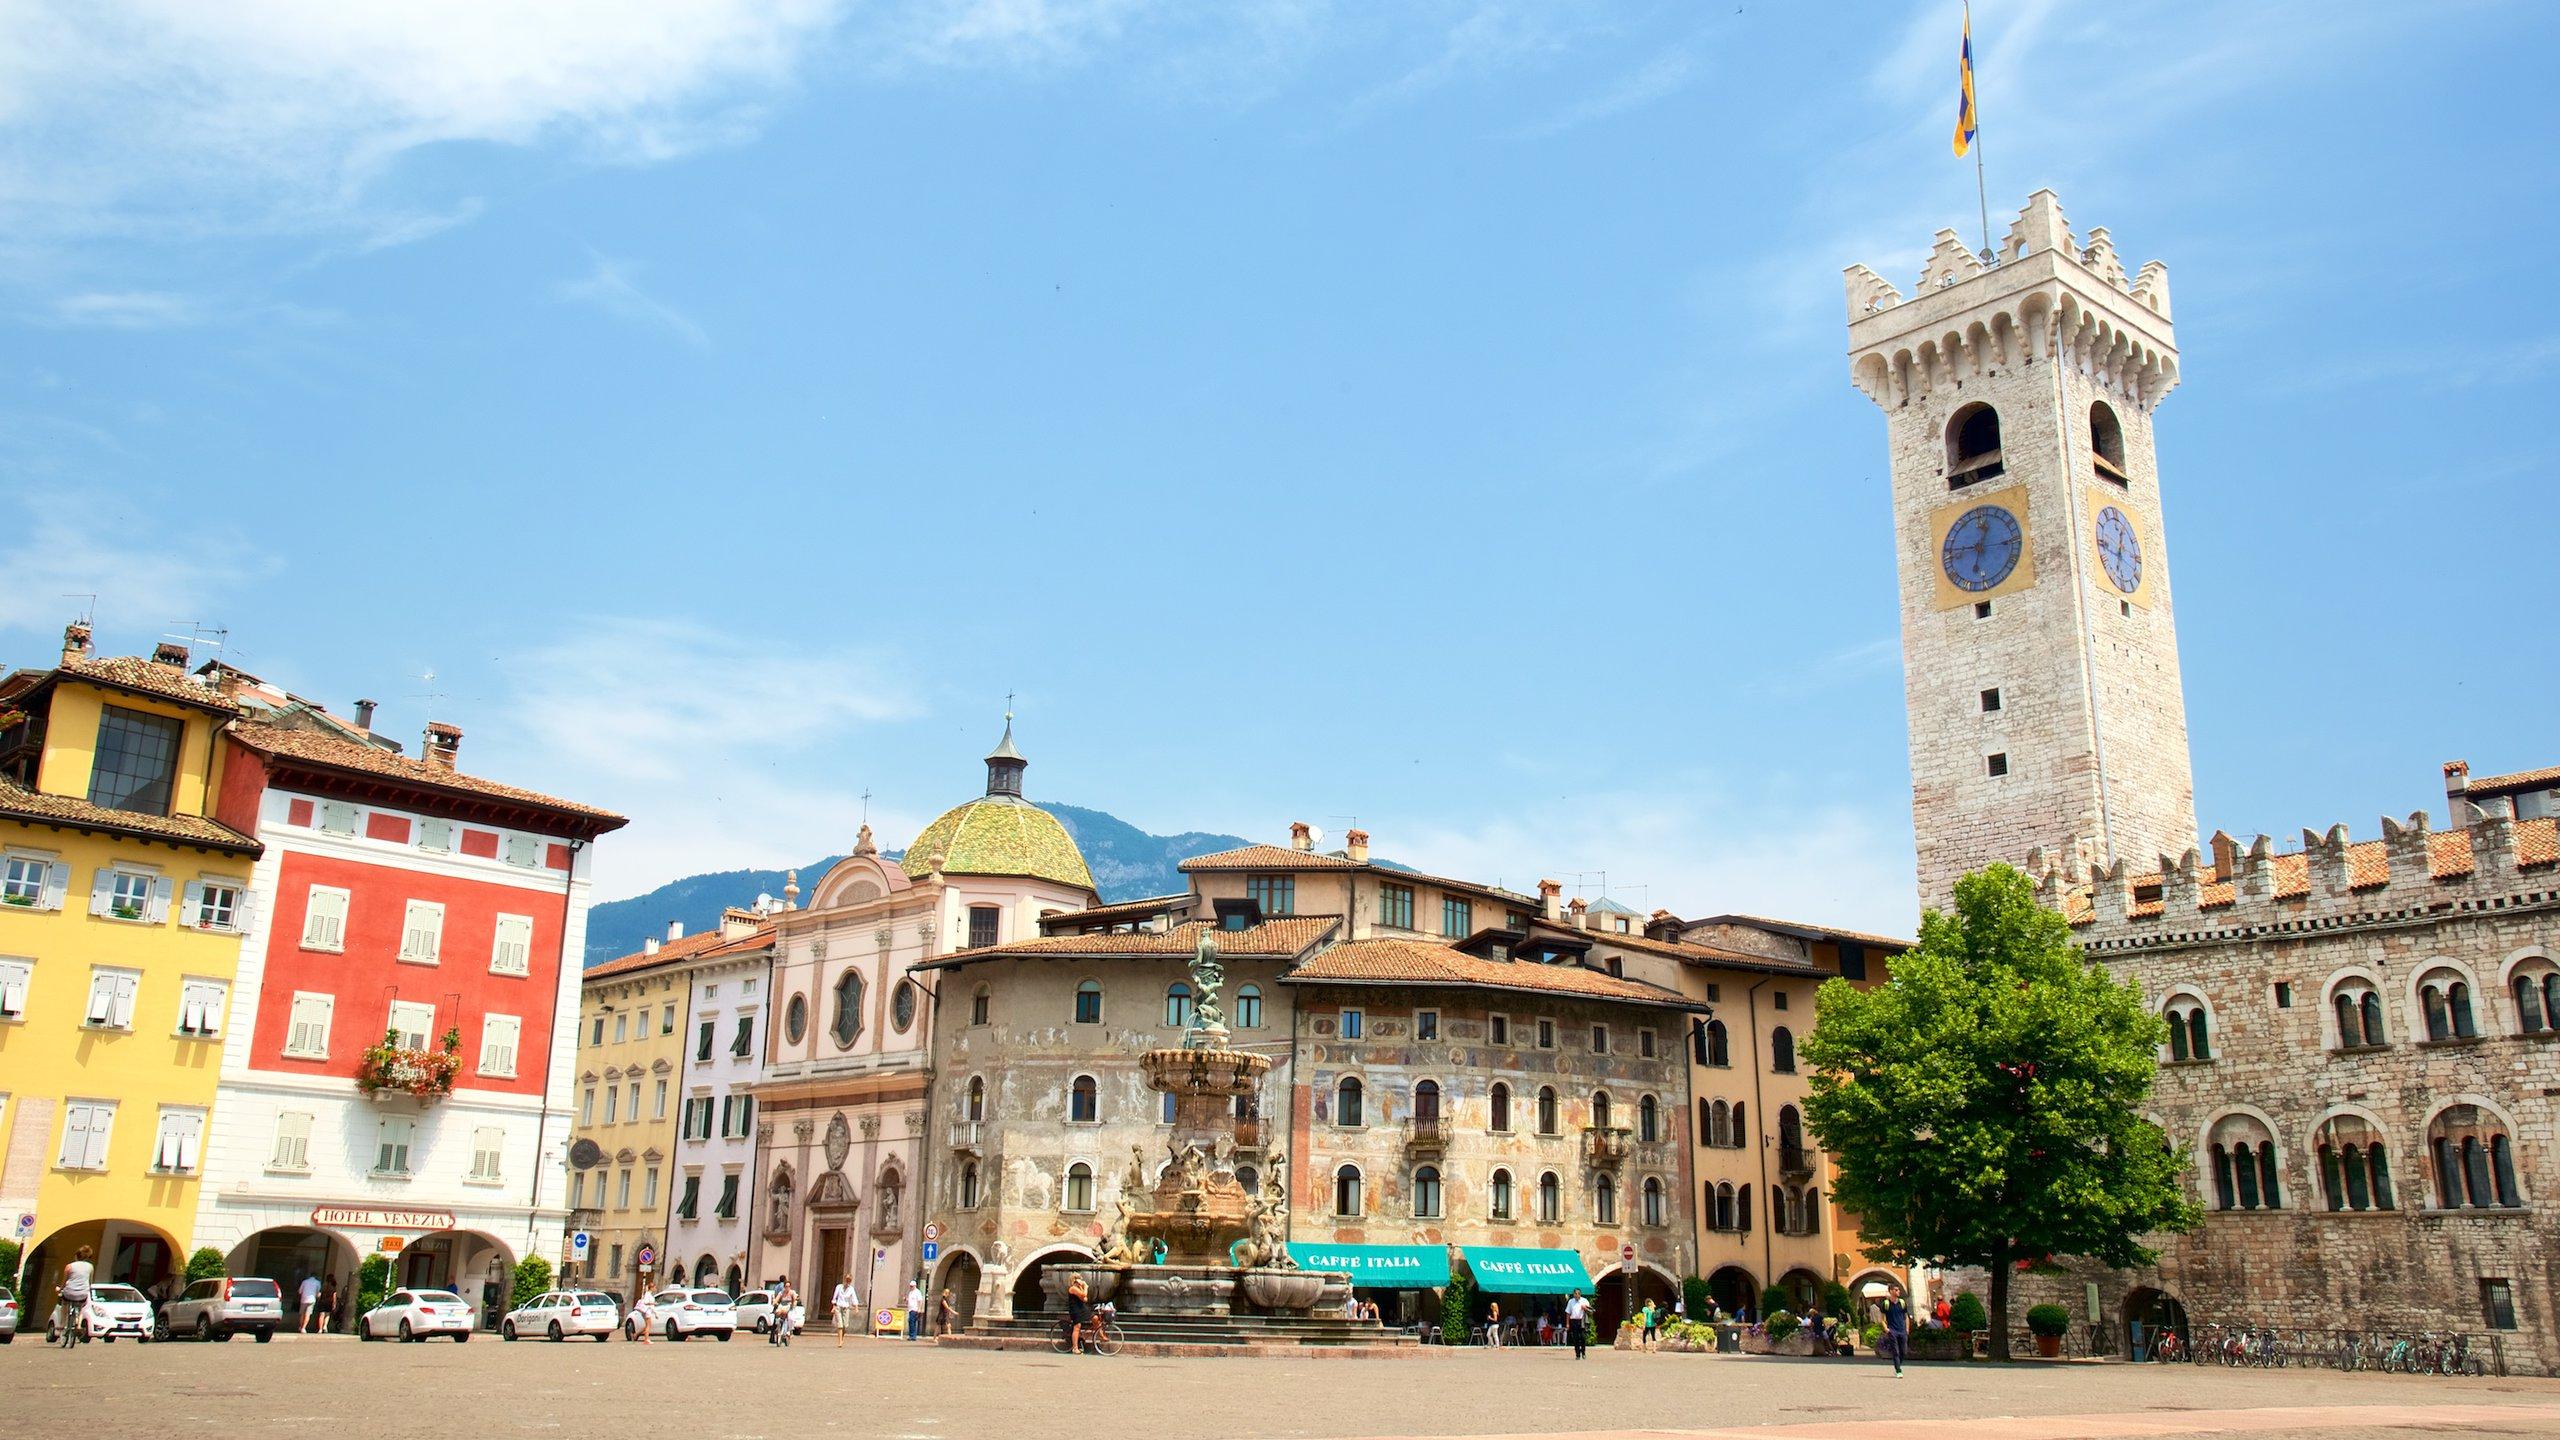 Trento, Trentino-Alto Adige, Italy